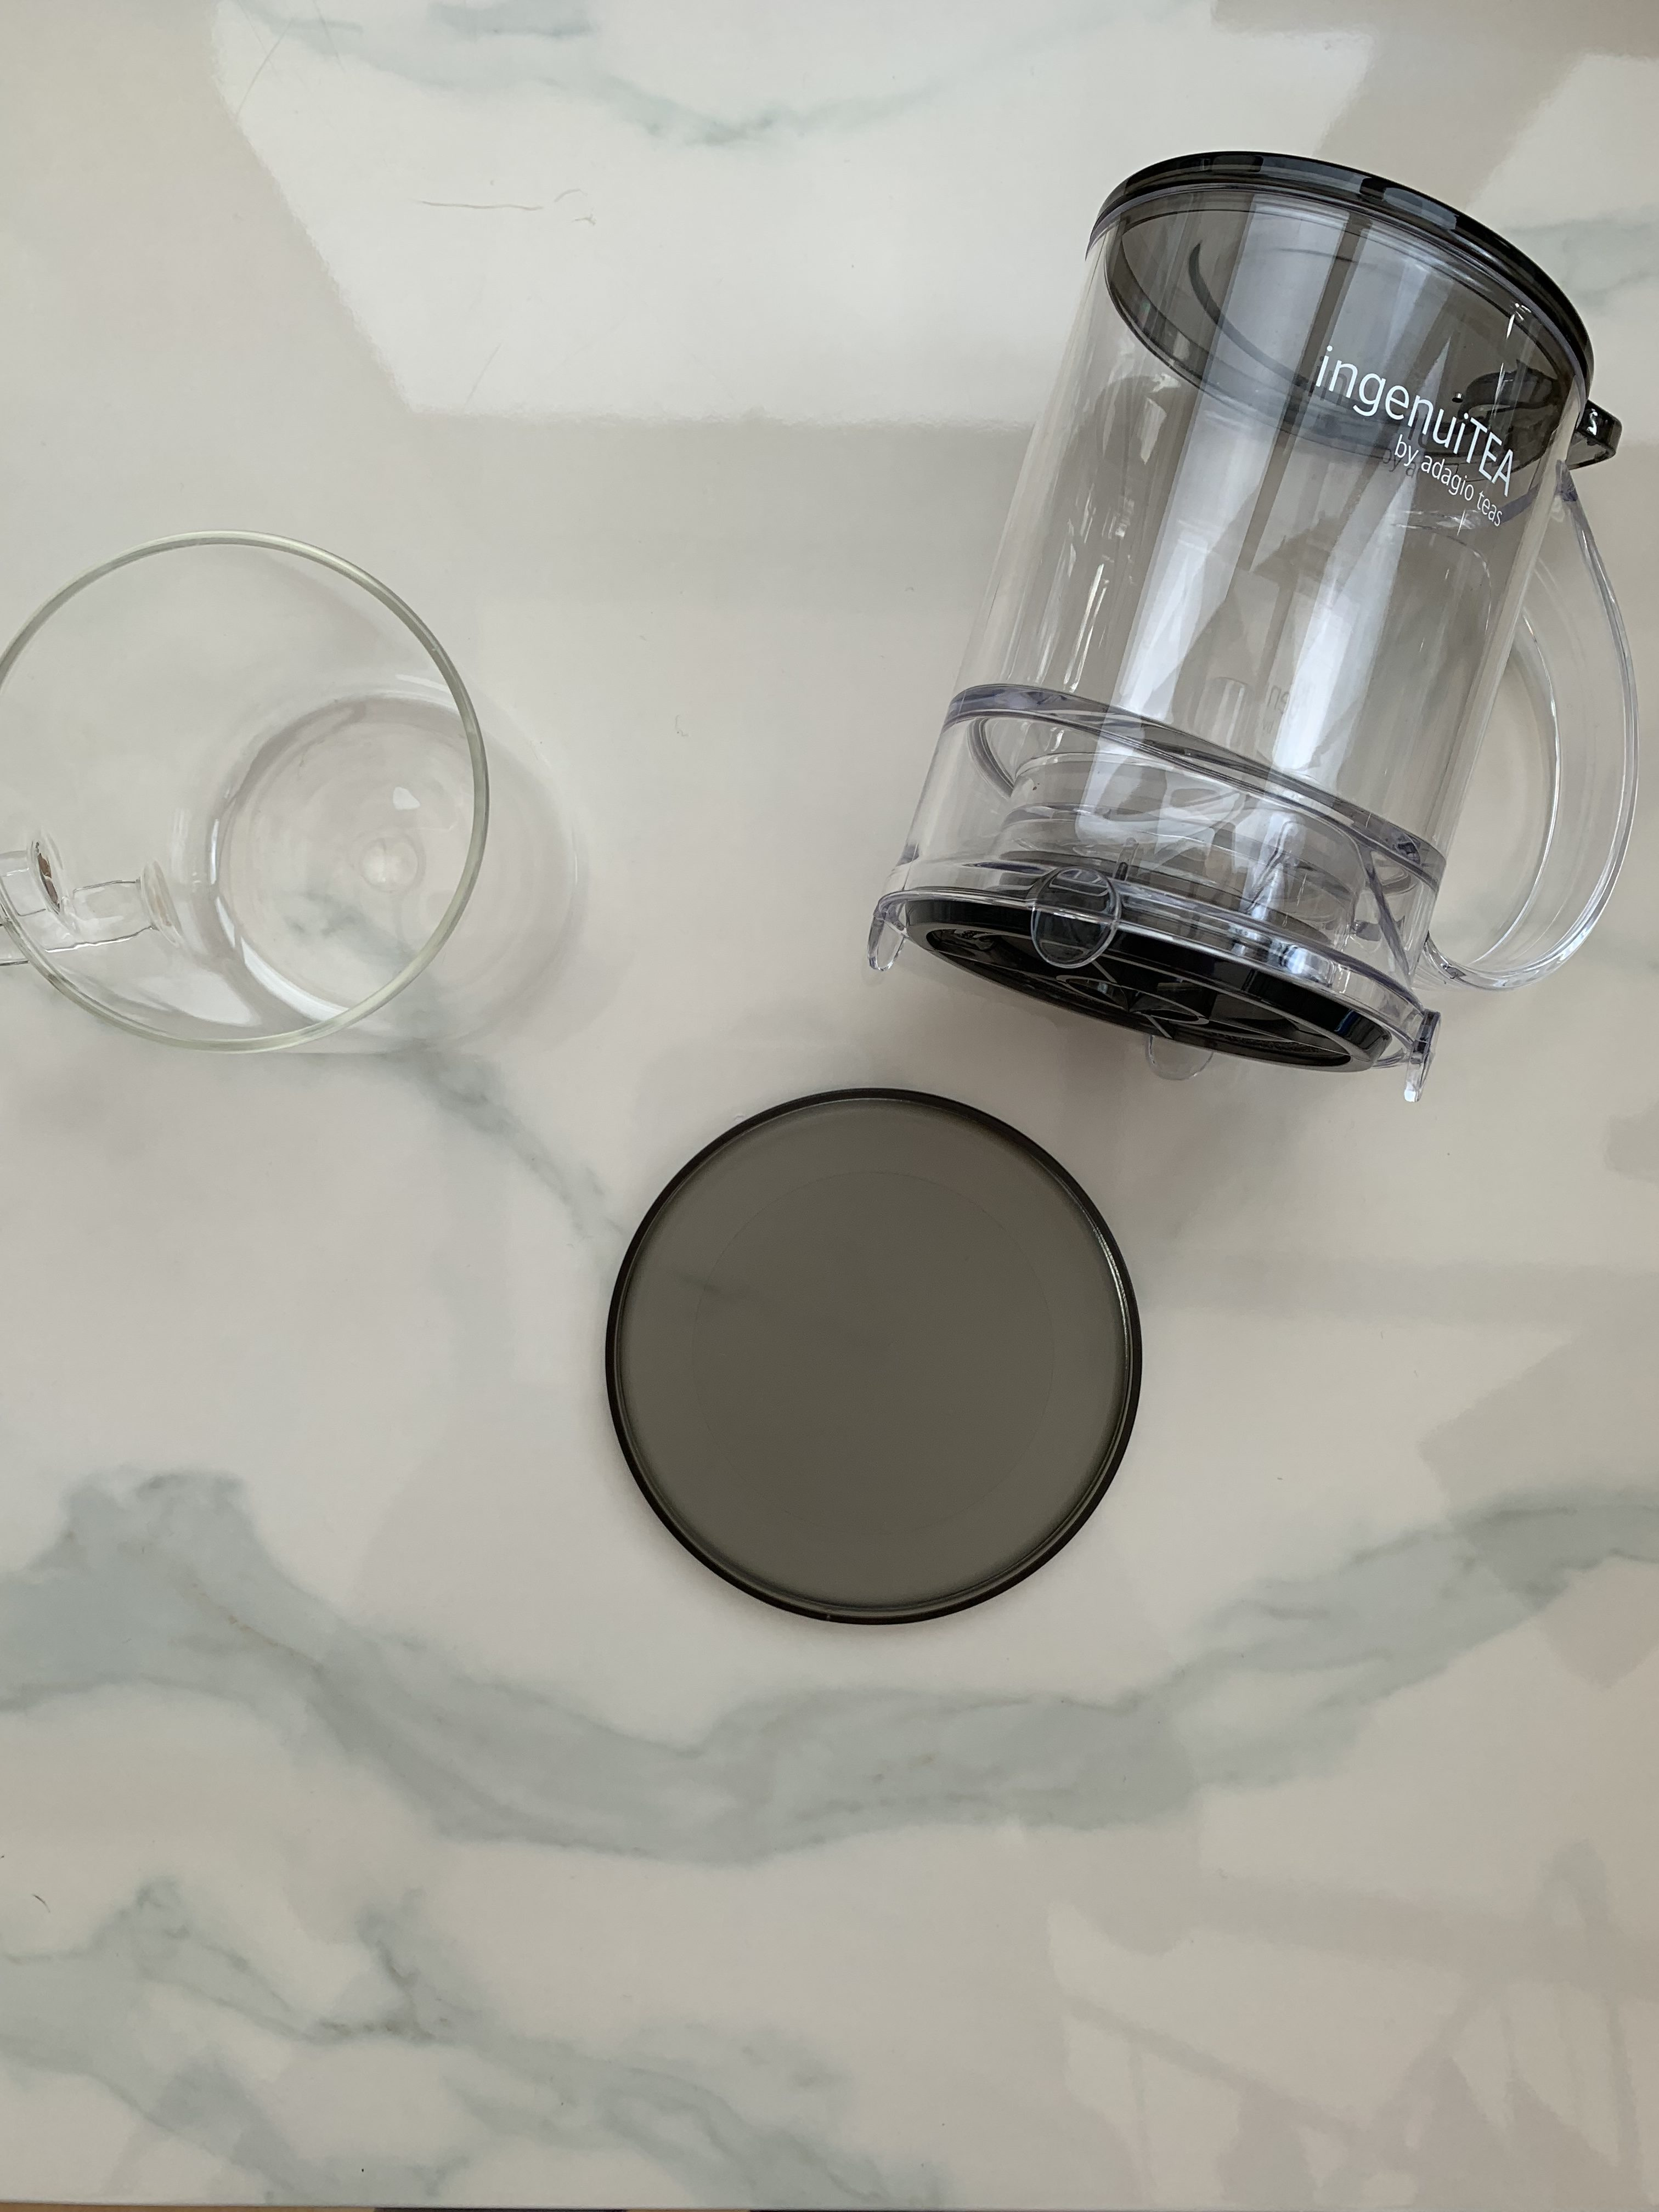 adagio tea pot ingenuitea brewing accessories